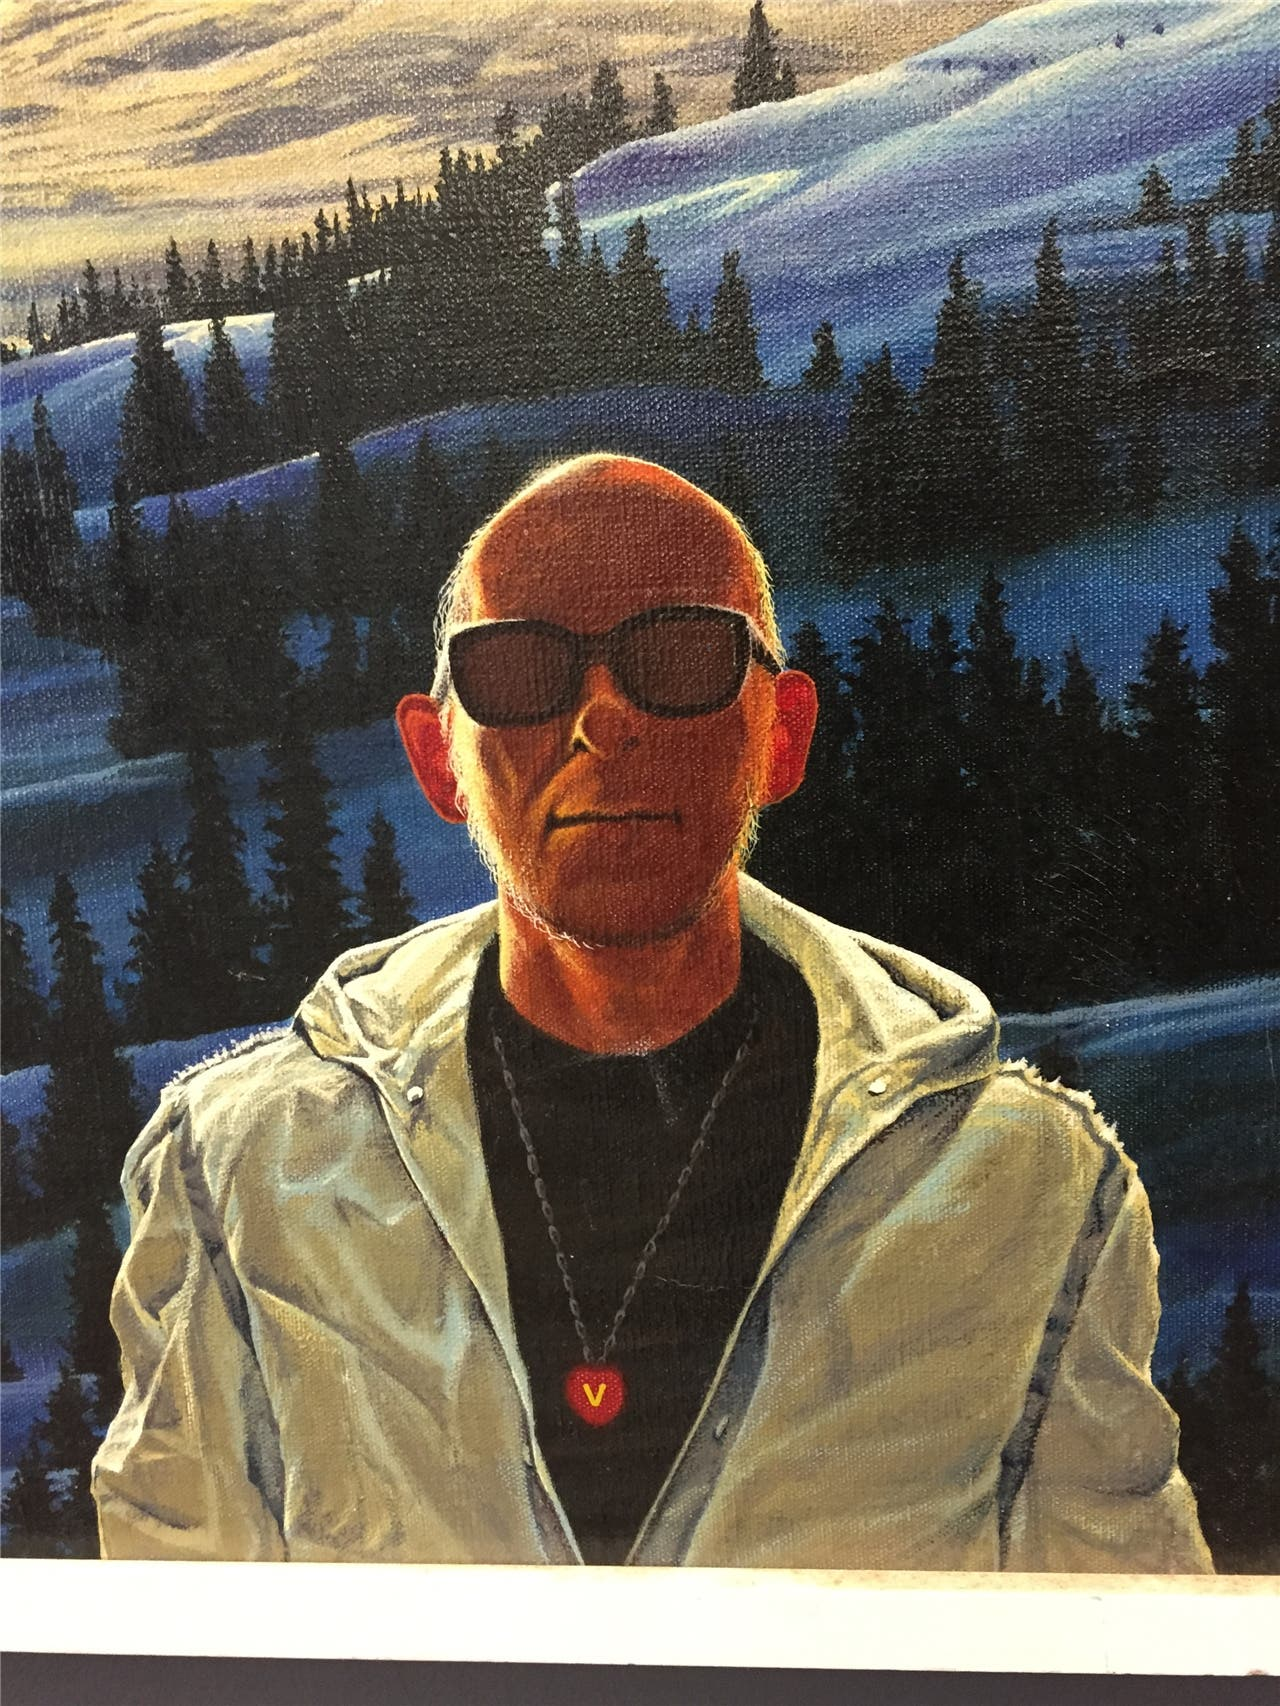 Erico Schommer, Selbstporträt (Detail aus einem Gemälde). Altorfer